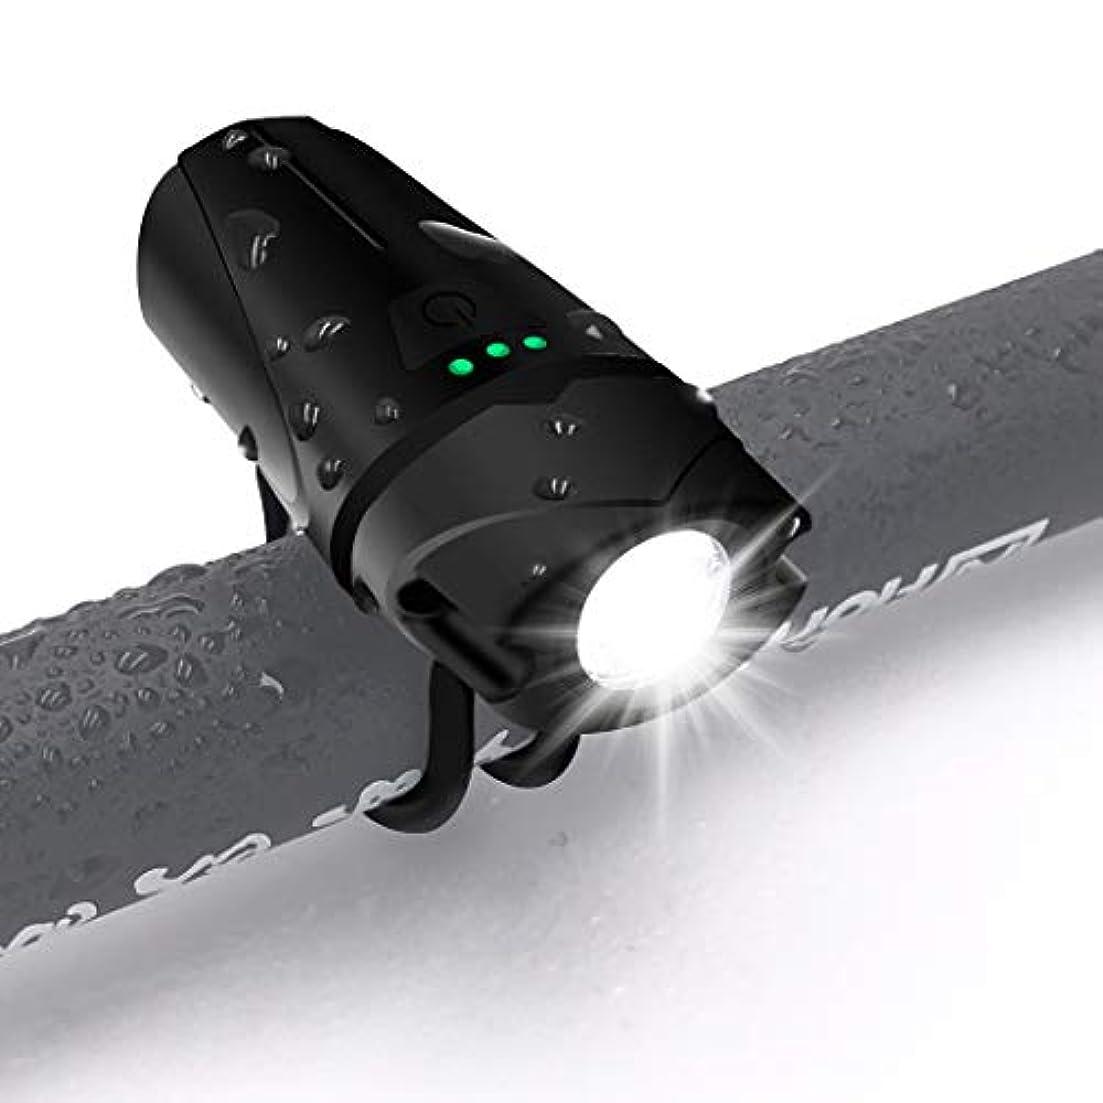 教義挨拶社交的自転車ライト USB充電式 【5W/800ルーメン+モードメモリ機能を搭載】IP65防水防塵 高輝度自転車ヘッドライト サイクリングライト 懐中電灯兼用 アウトドア 防災 LEDヘッドライト